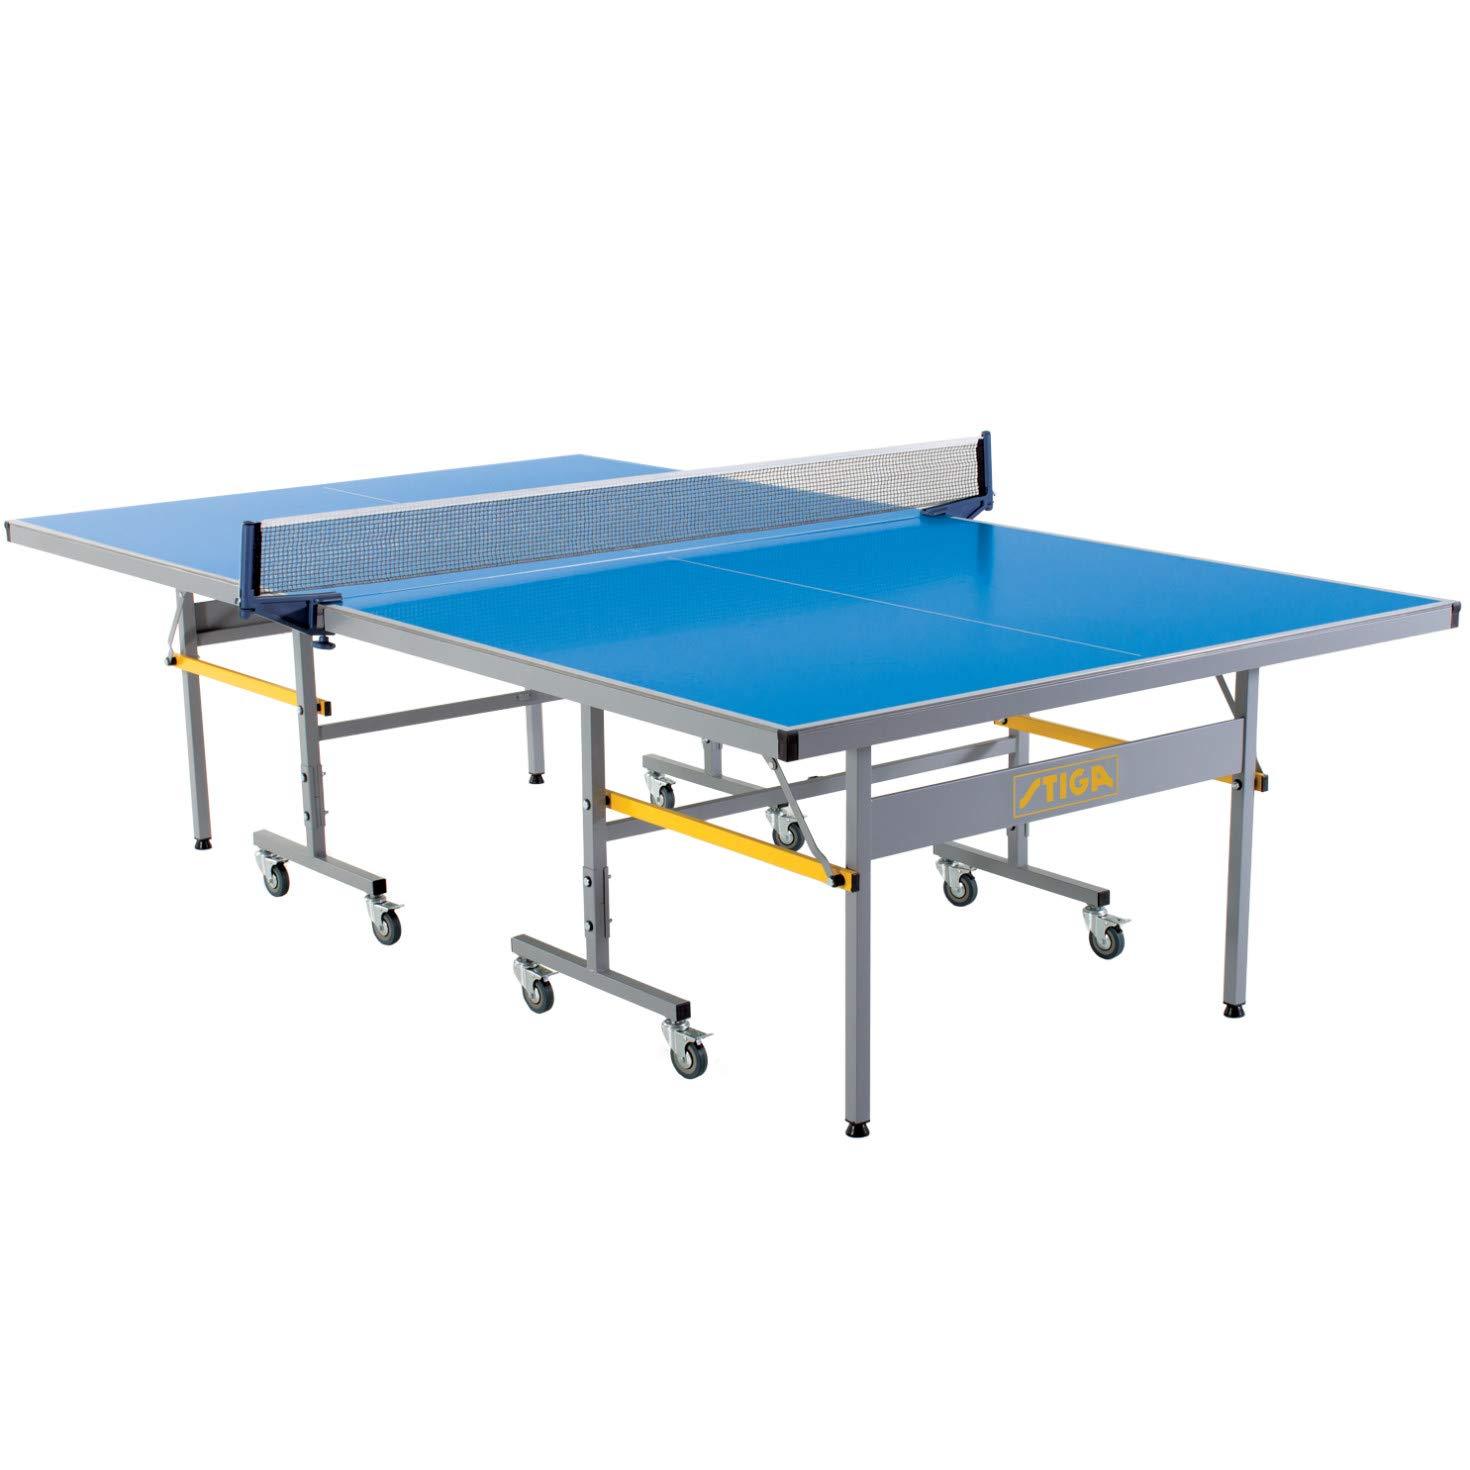 STIGA Vapor Outdoor Table Tennis Table